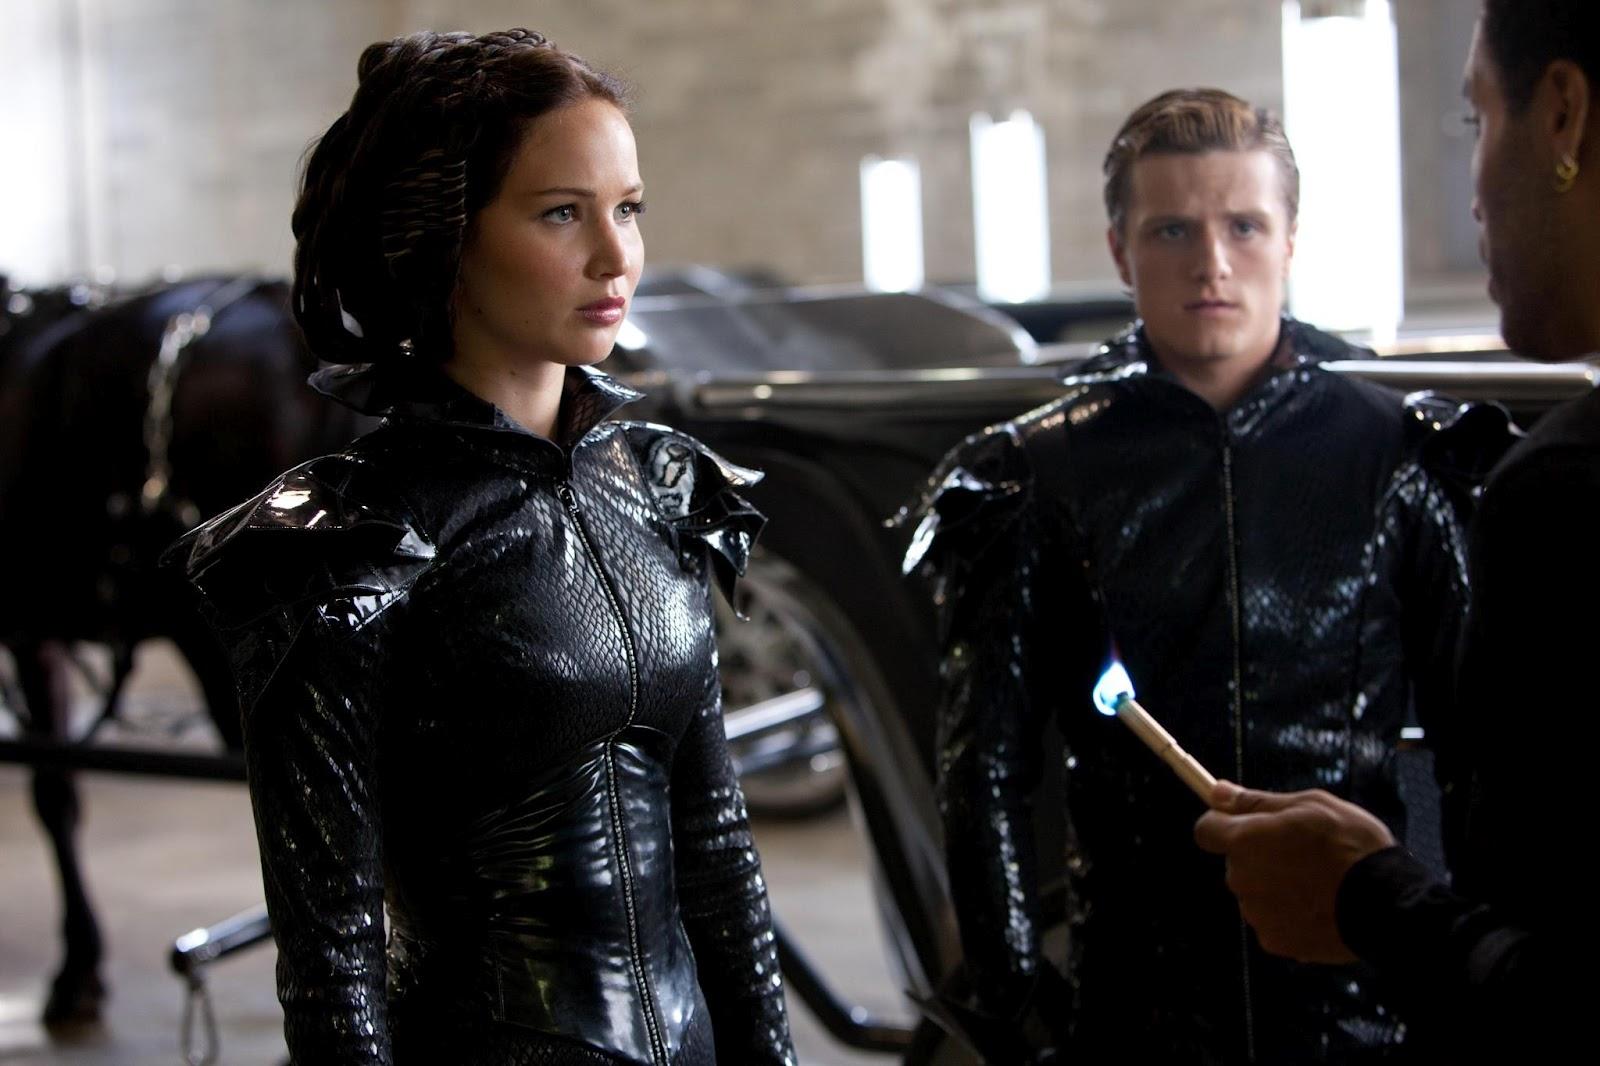 http://1.bp.blogspot.com/-HmizMioQrKI/T3fpY6GptwI/AAAAAAAAJA4/2-DHm6np8OM/s1600/Katniss-Peeta-CinnaHR.jpg